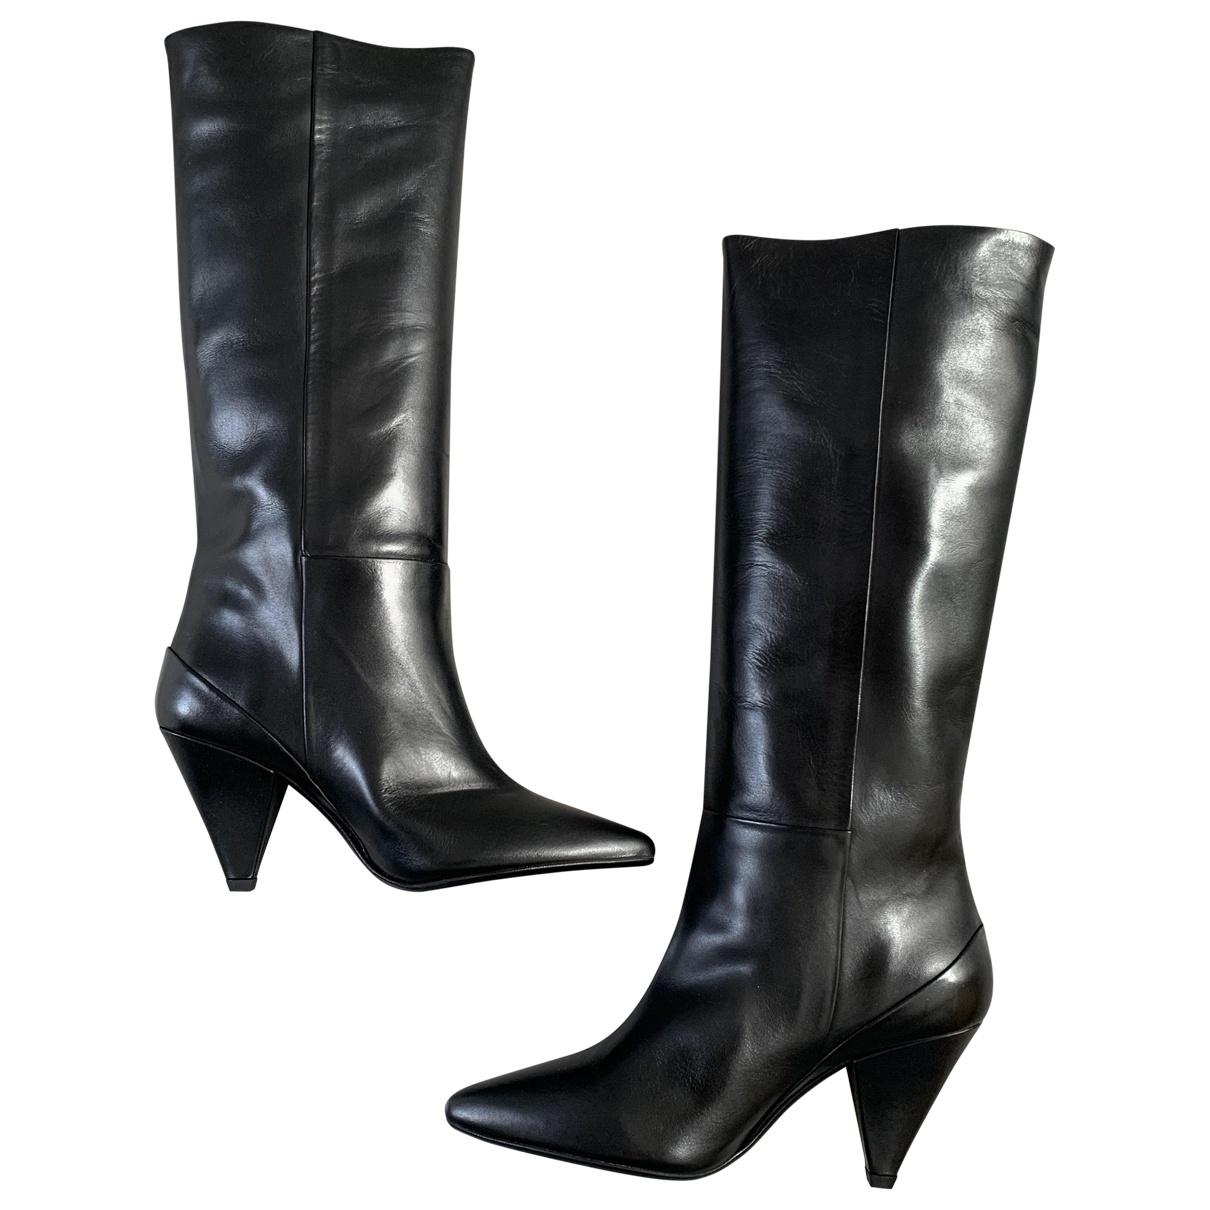 Botas altas de Cuero Samsoe & Samsoe